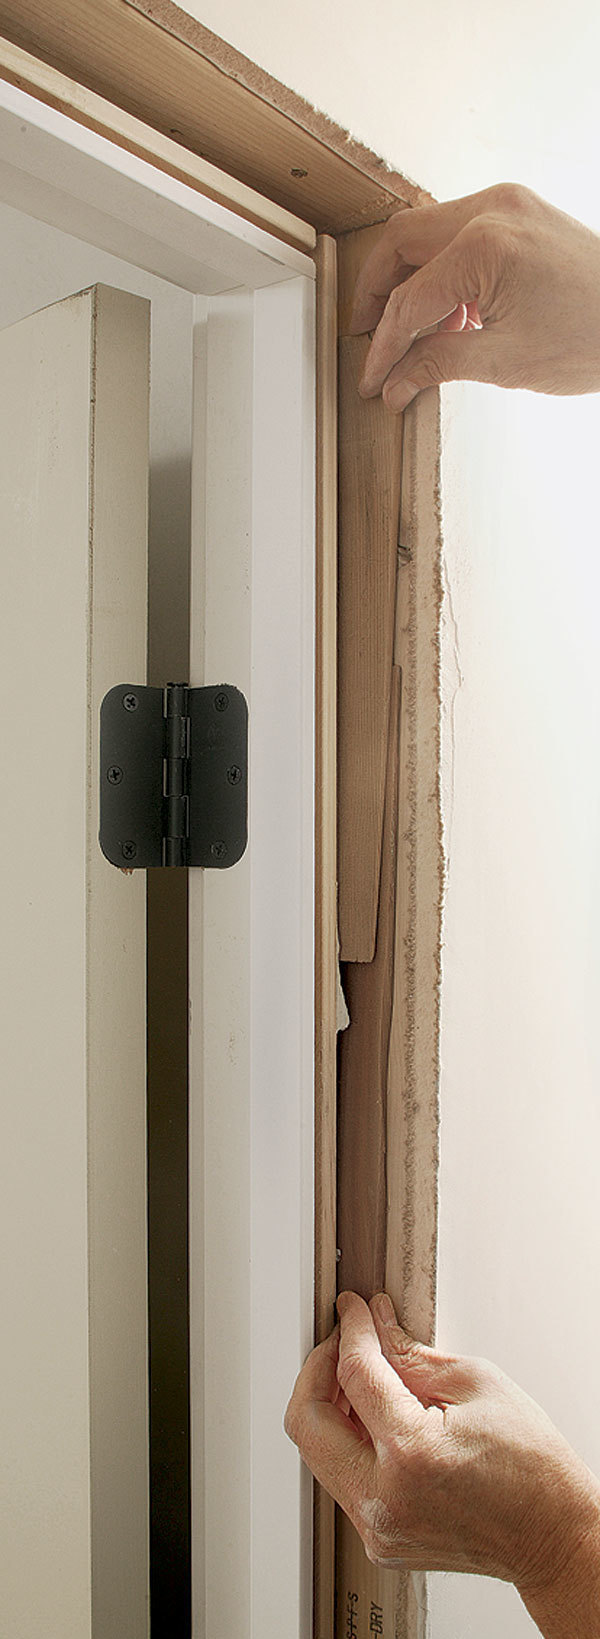 How to install prehung interior door split jamb for How to hang prehung interior door